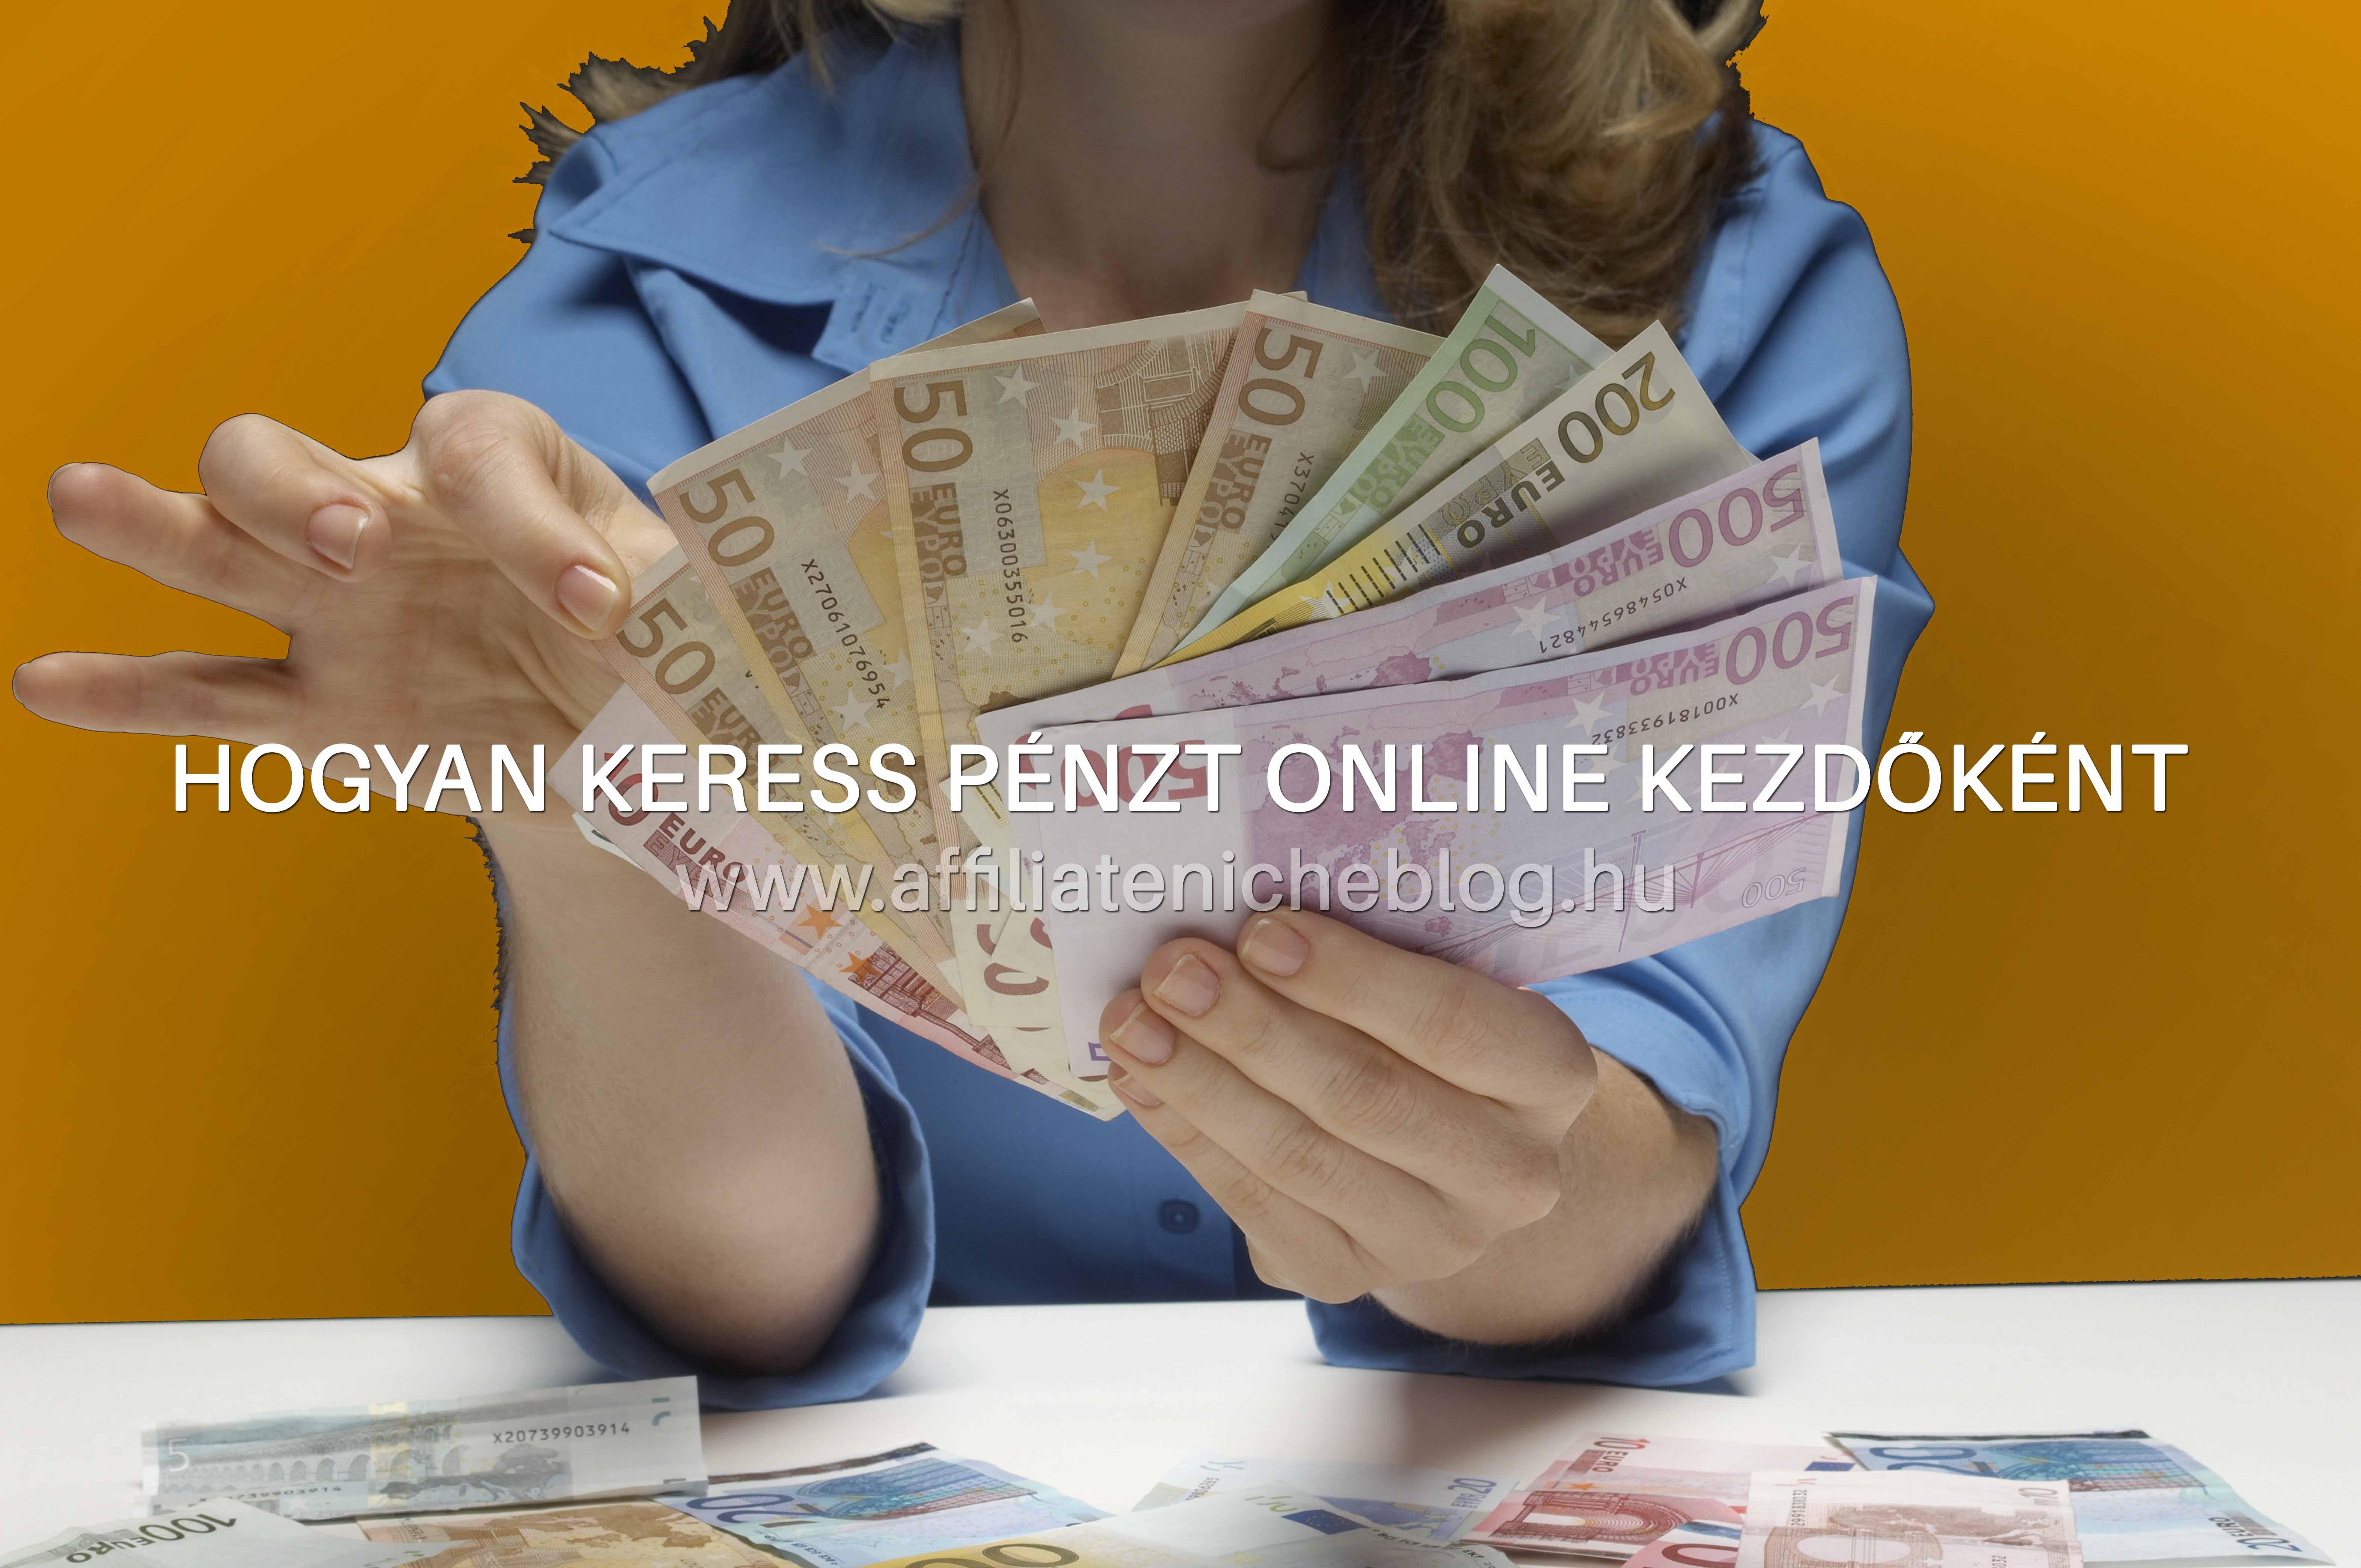 jövedelem az interneten befektetések nélkül, bónuszokkal